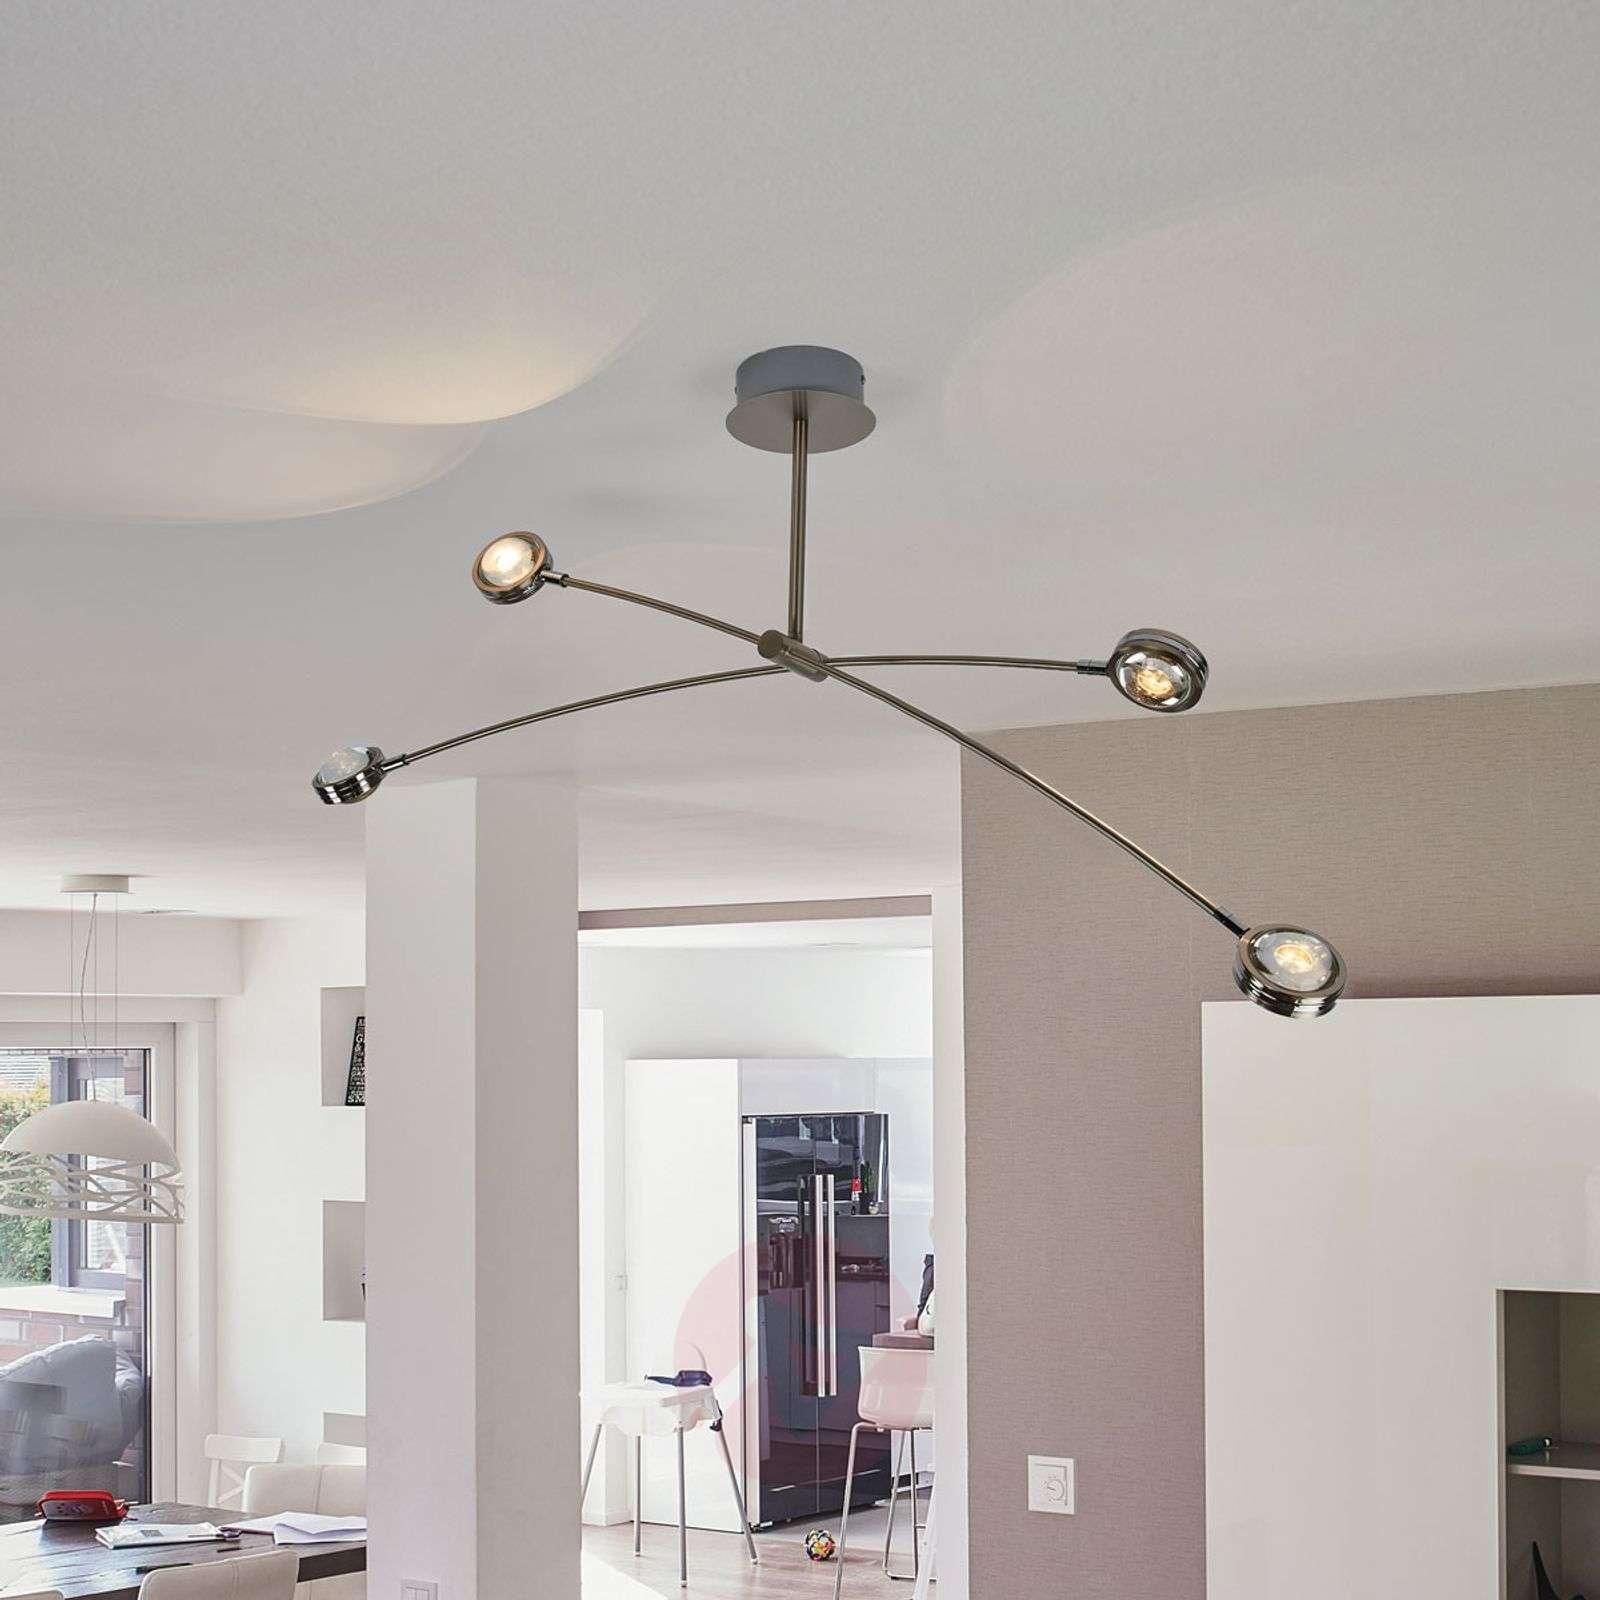 Pablos extravagant LED ceiling lamp, four-bulb-9994126-04